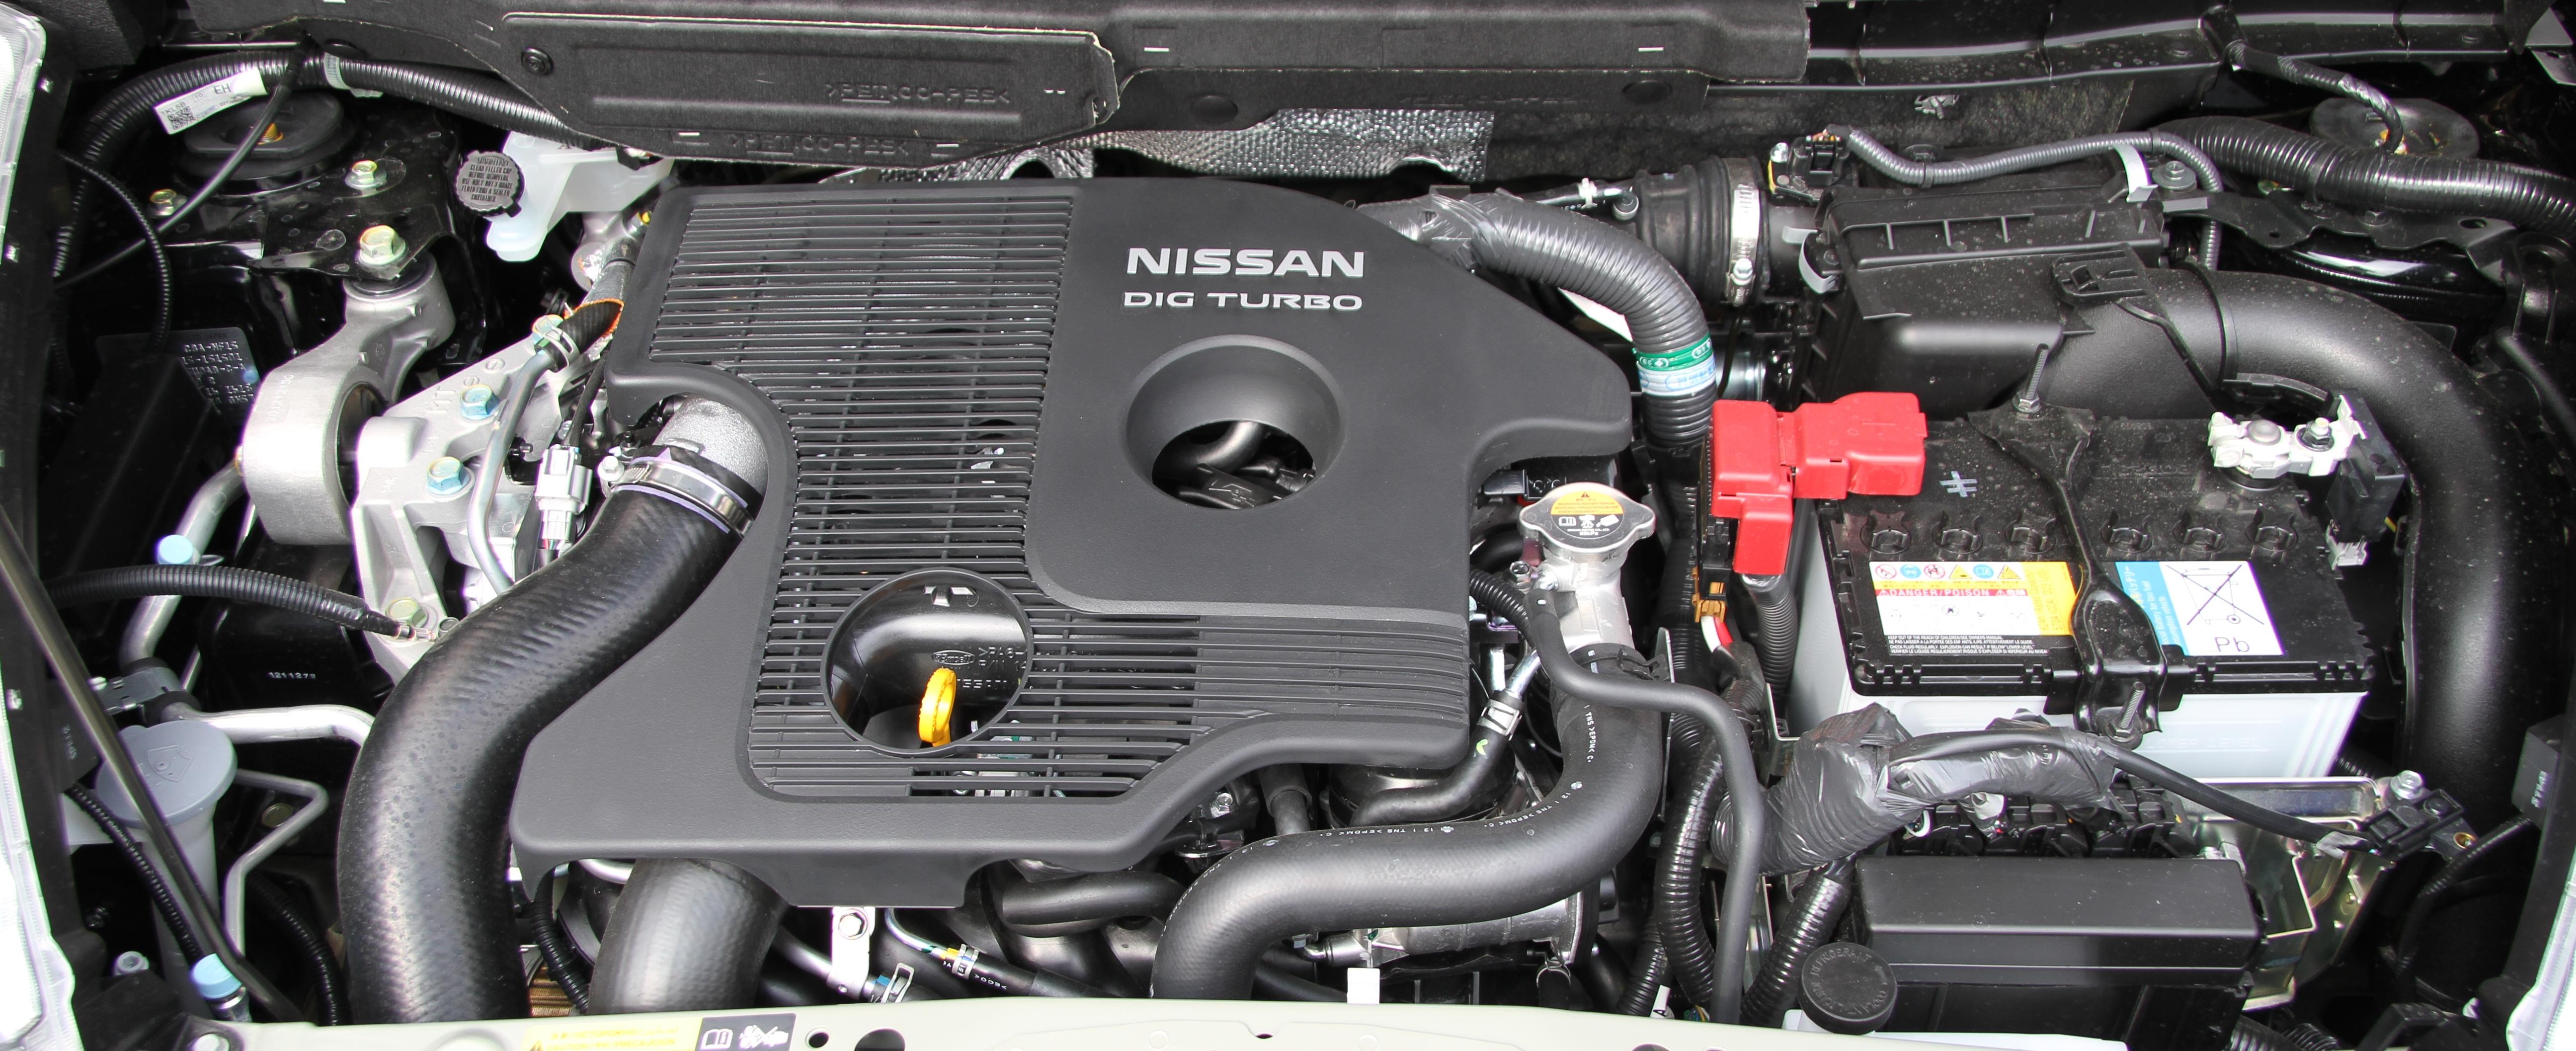 File Nissan Juke 16gt Four Type V Engine Room Jpg